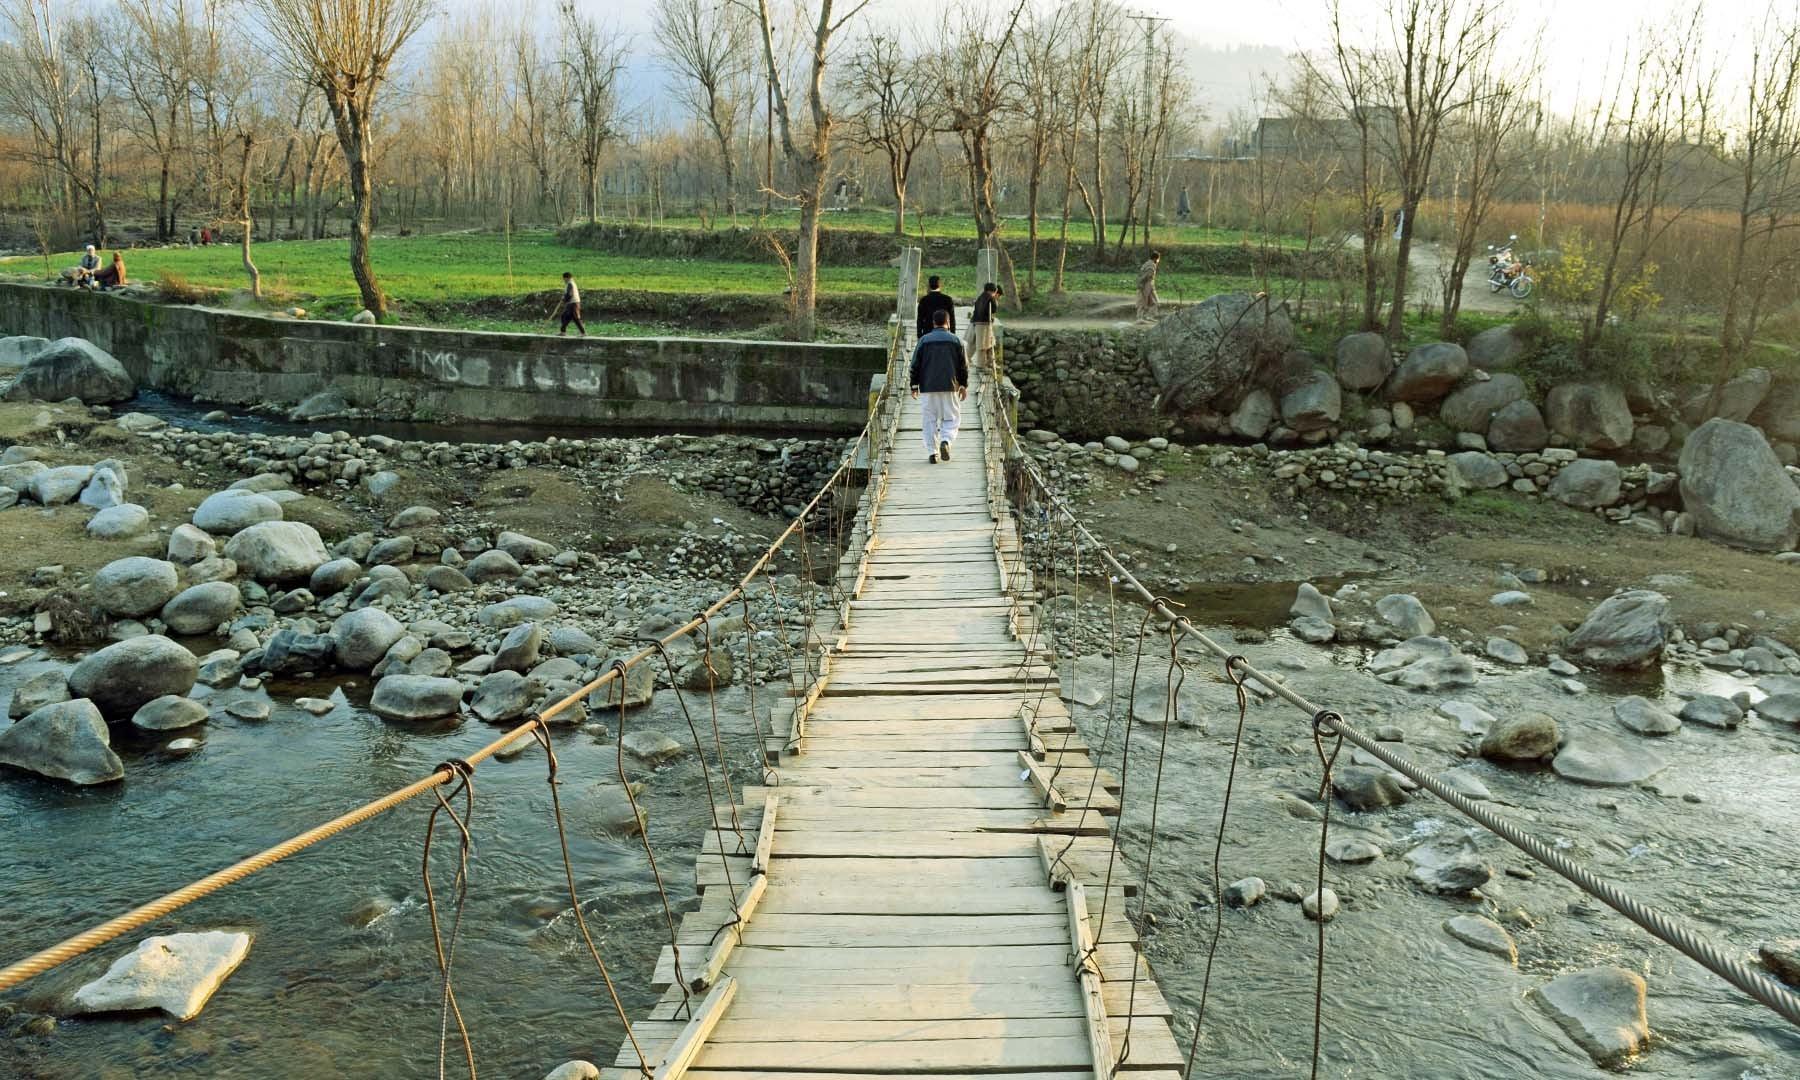 شمال کی طرف سے گاؤں میں داخل ہونے کے لیے استعمال ہونے والا لکڑی کا بنا پل۔